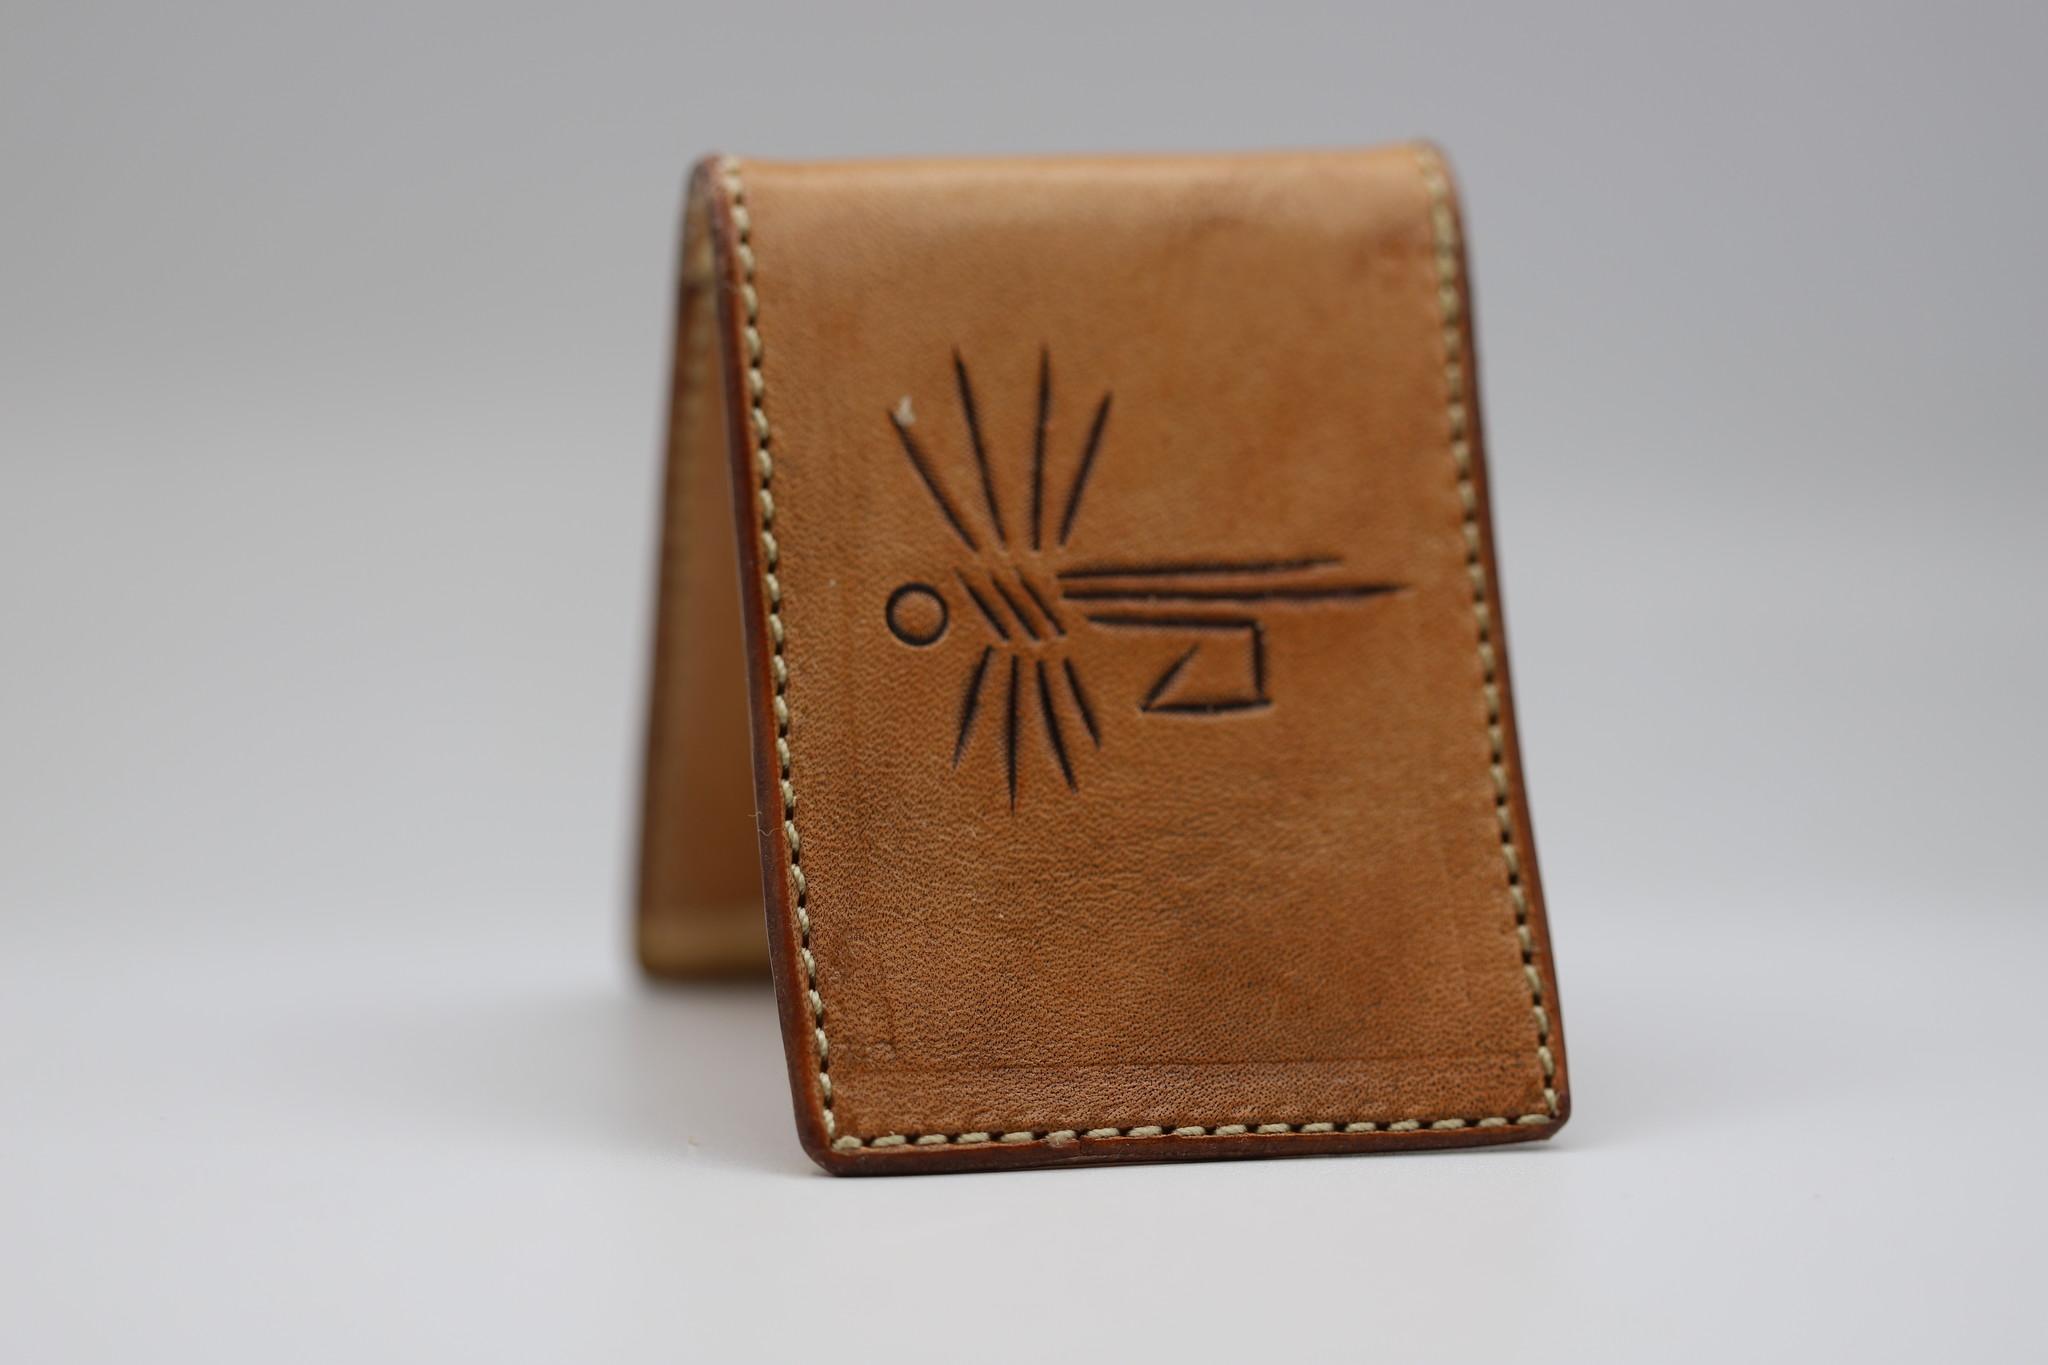 CREEDMOOR ENTERPRISES FOLD OVER MONEY CLIP CARD CASE